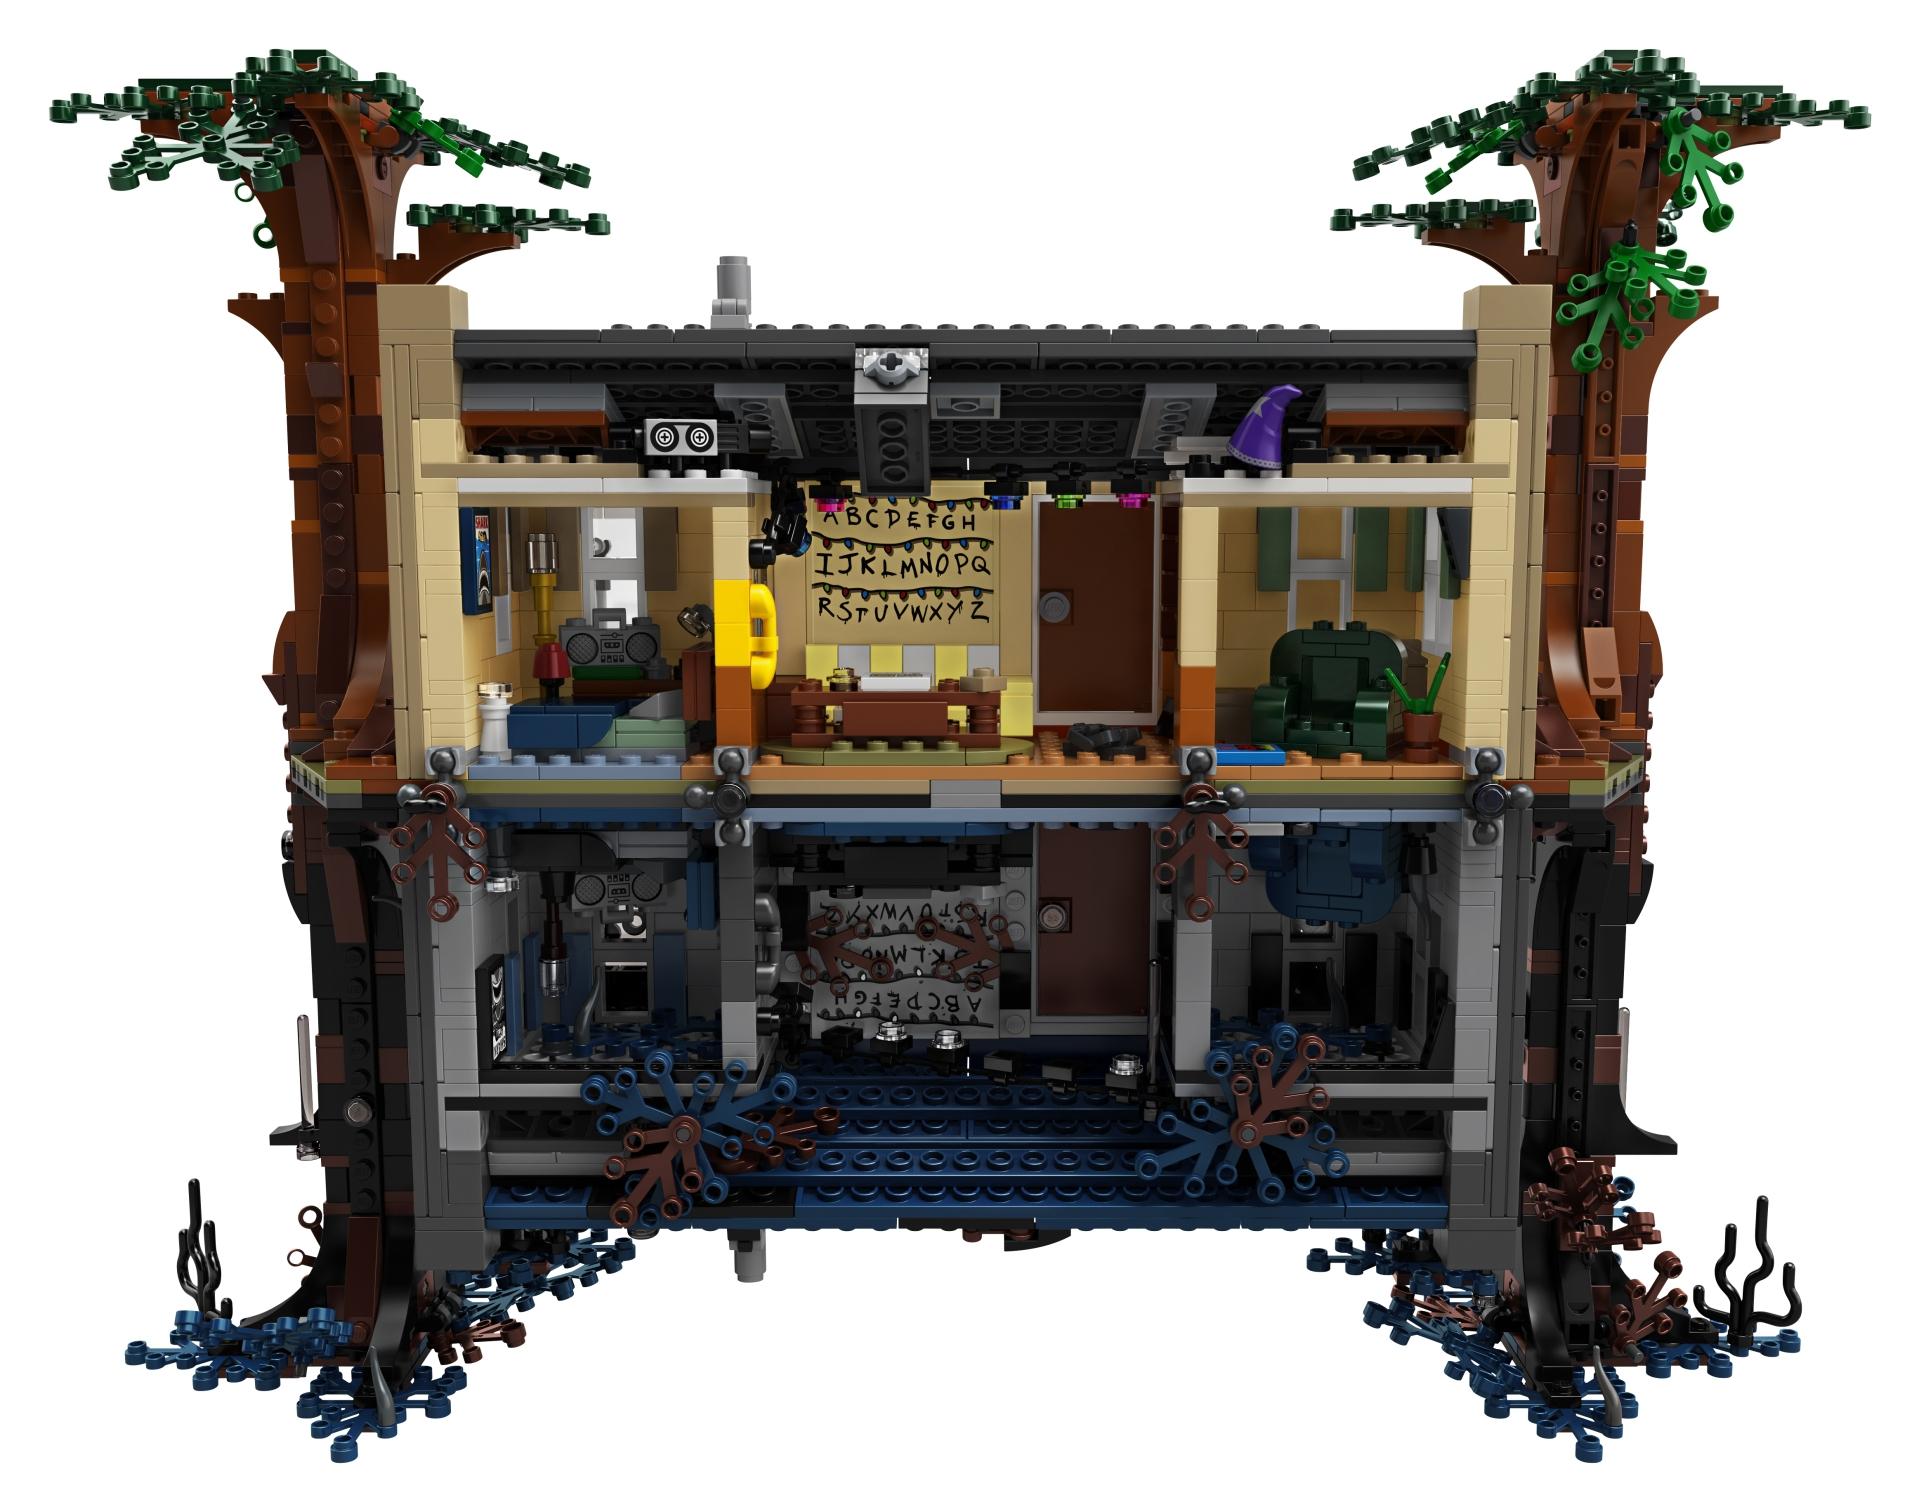 LEGO ufficializza il set dedicato a Stranger Things